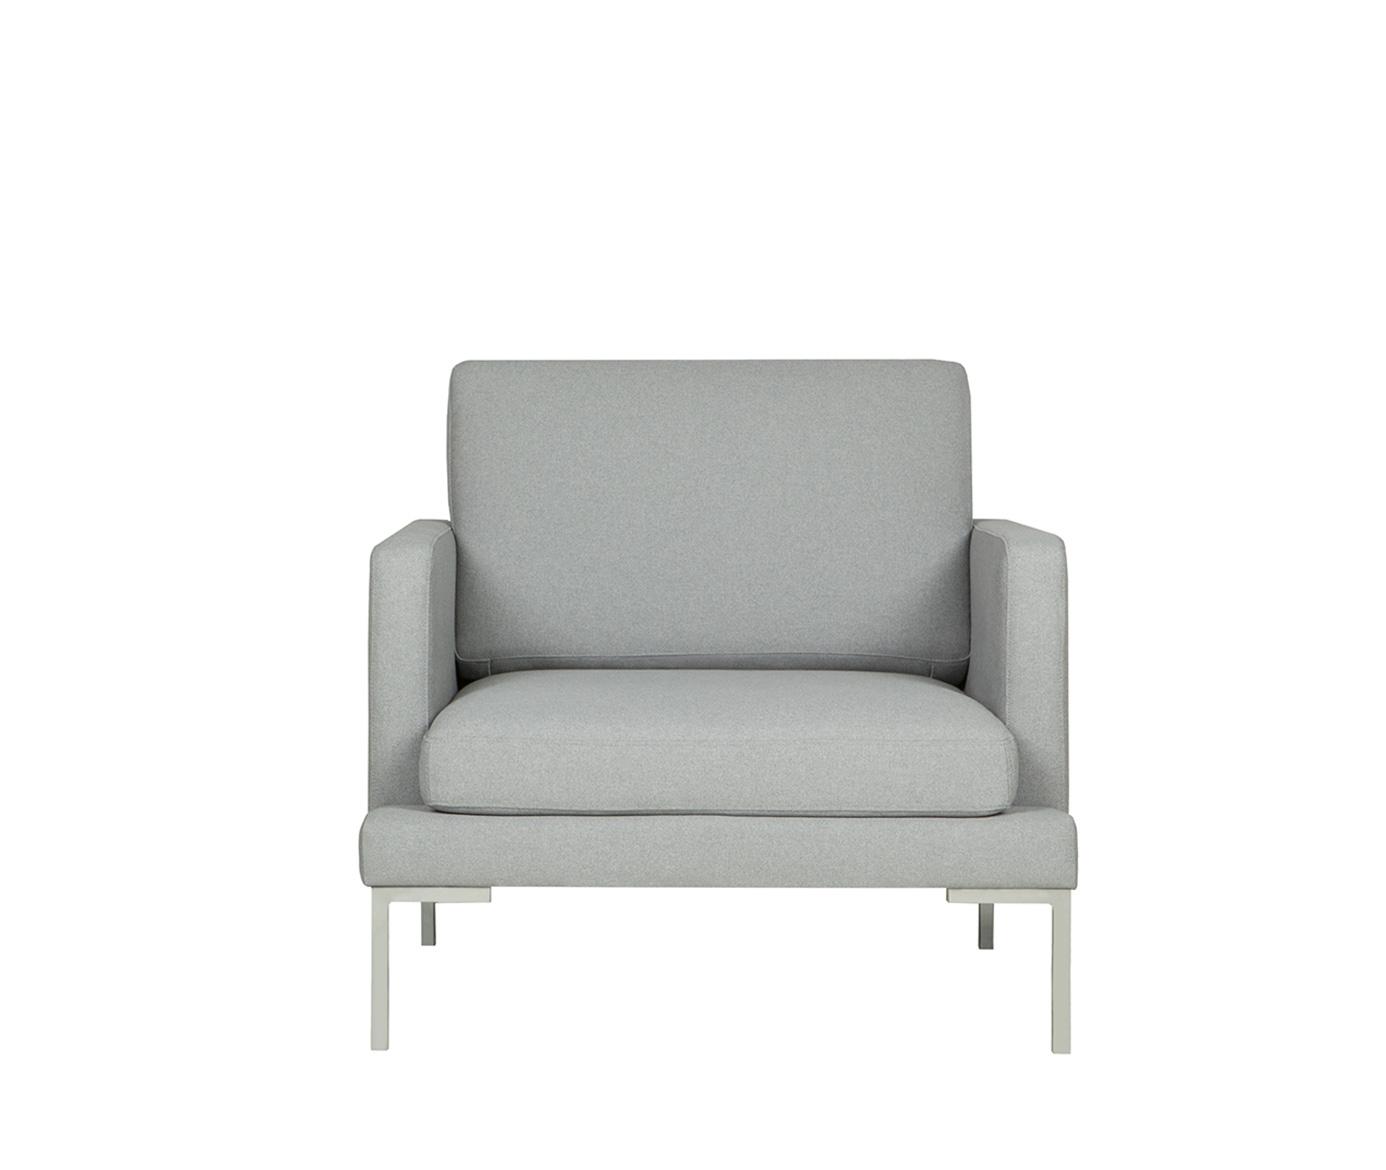 Luma armchair